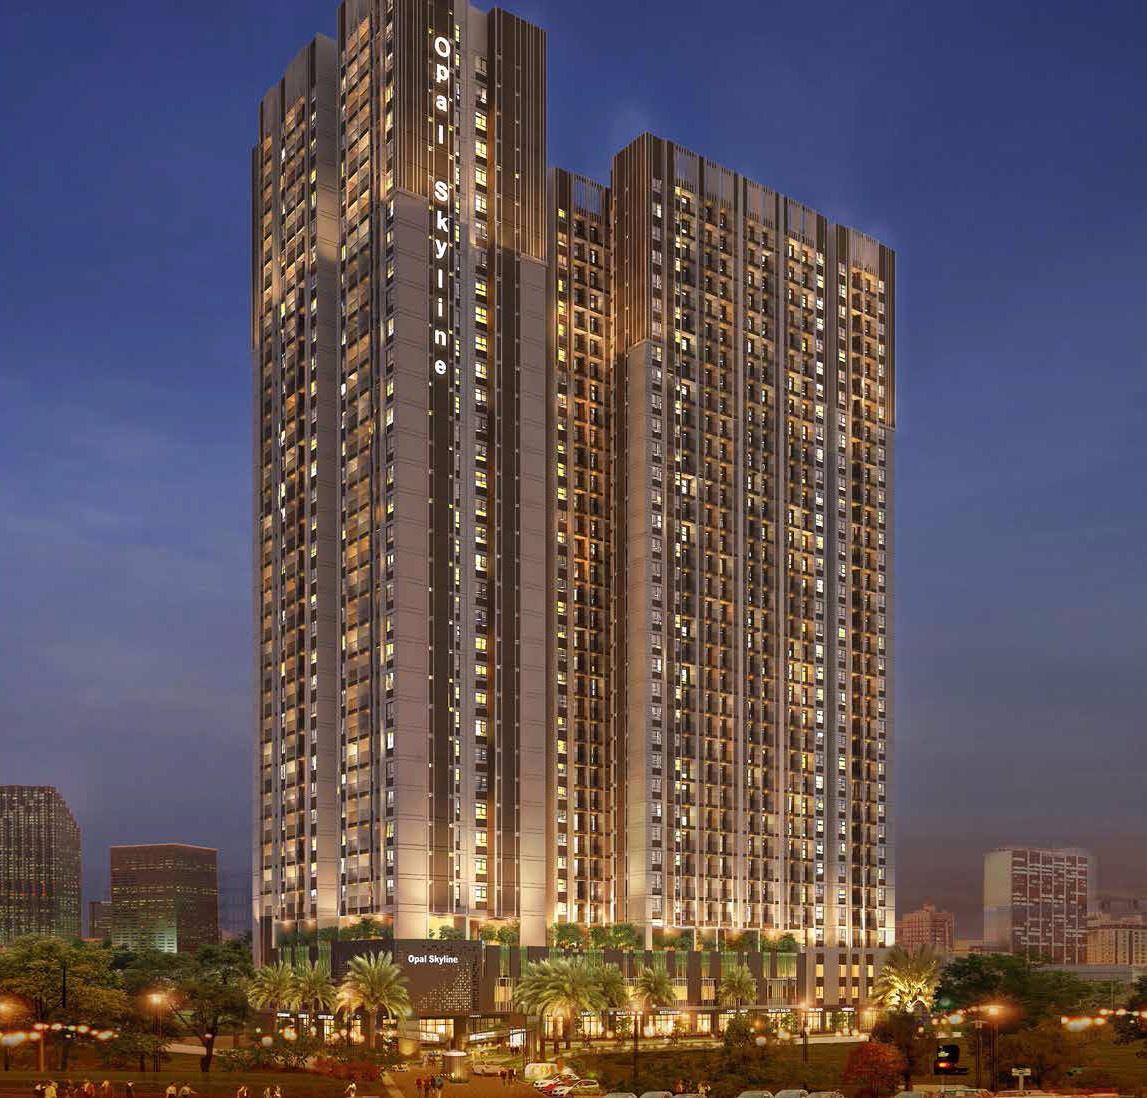 opal skyline dat xanh binh duong - Phân khúc căn hộ đánh thức bất động sản Thuận An Bình Dương